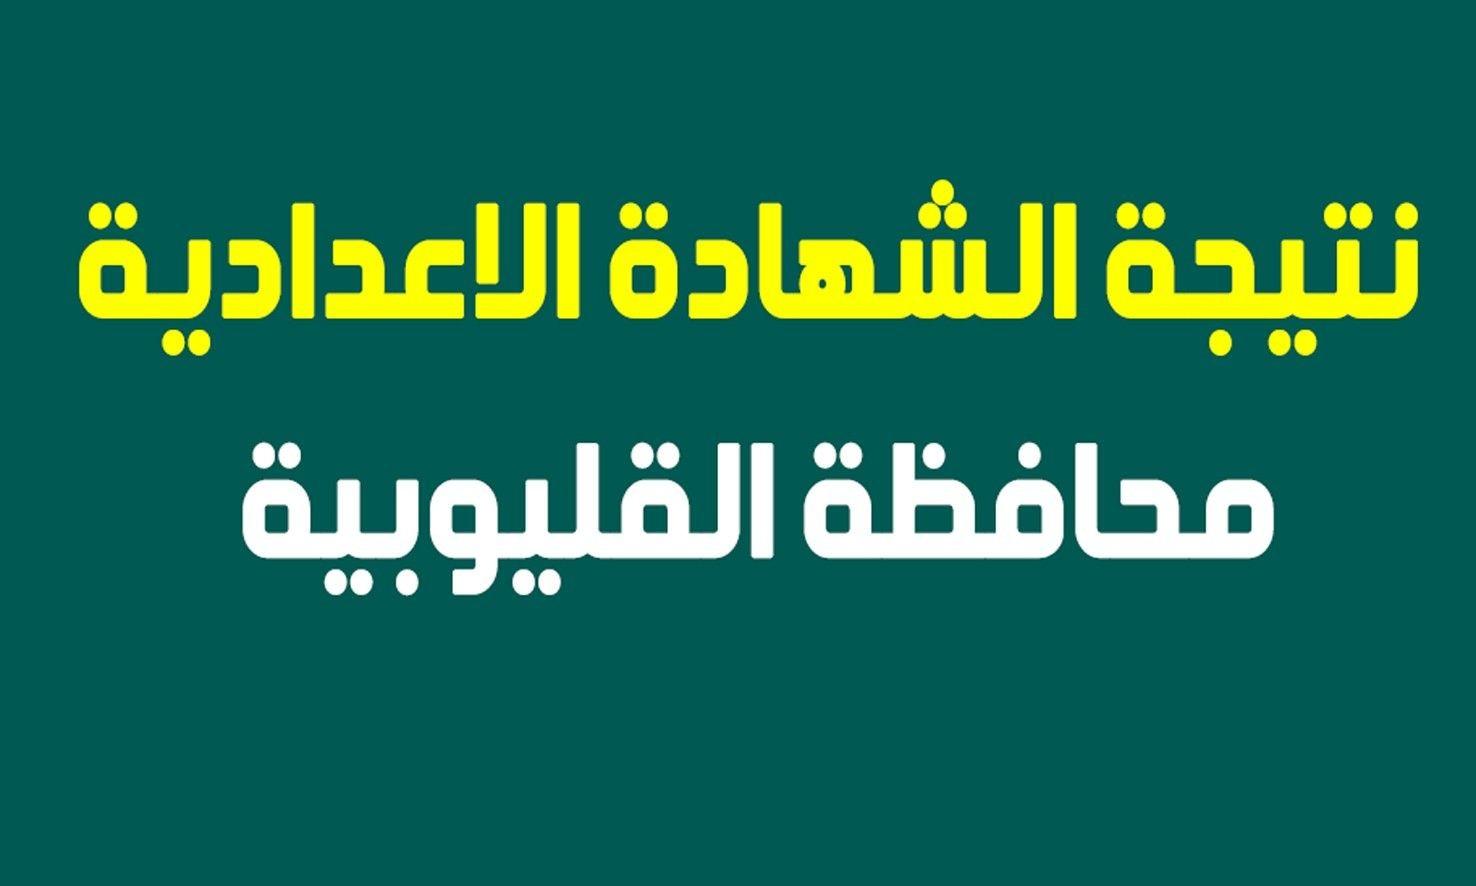 رابط نتيجة الشهادة الاعدادية محافظة القليوبية 2021